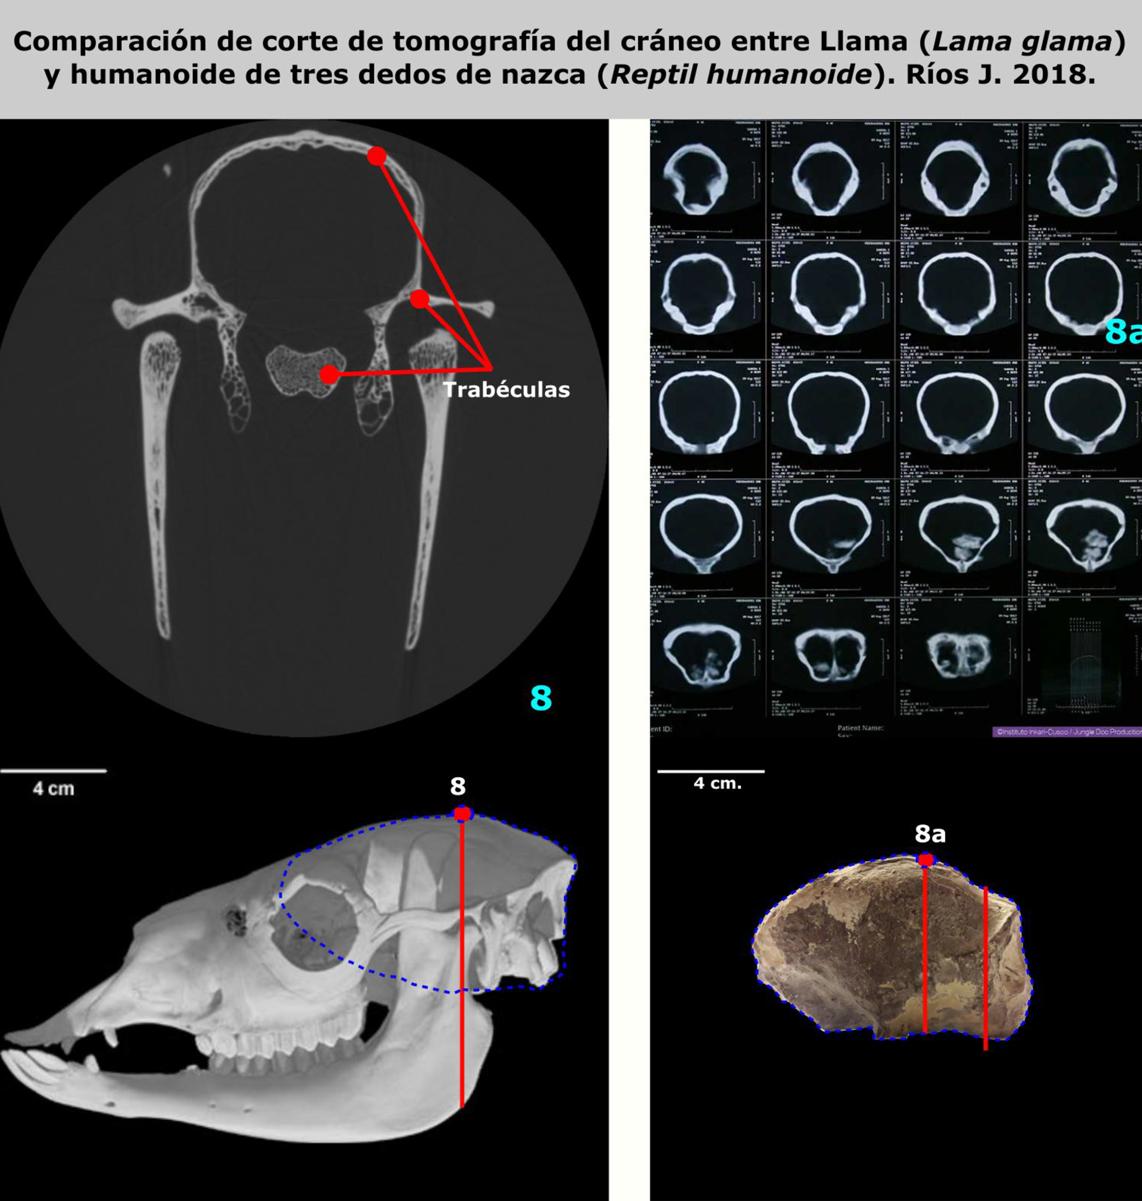 Comparaison de coupes tomographiques de crânes entre le Lama et l'humanoïde à trois doigts de Nasca